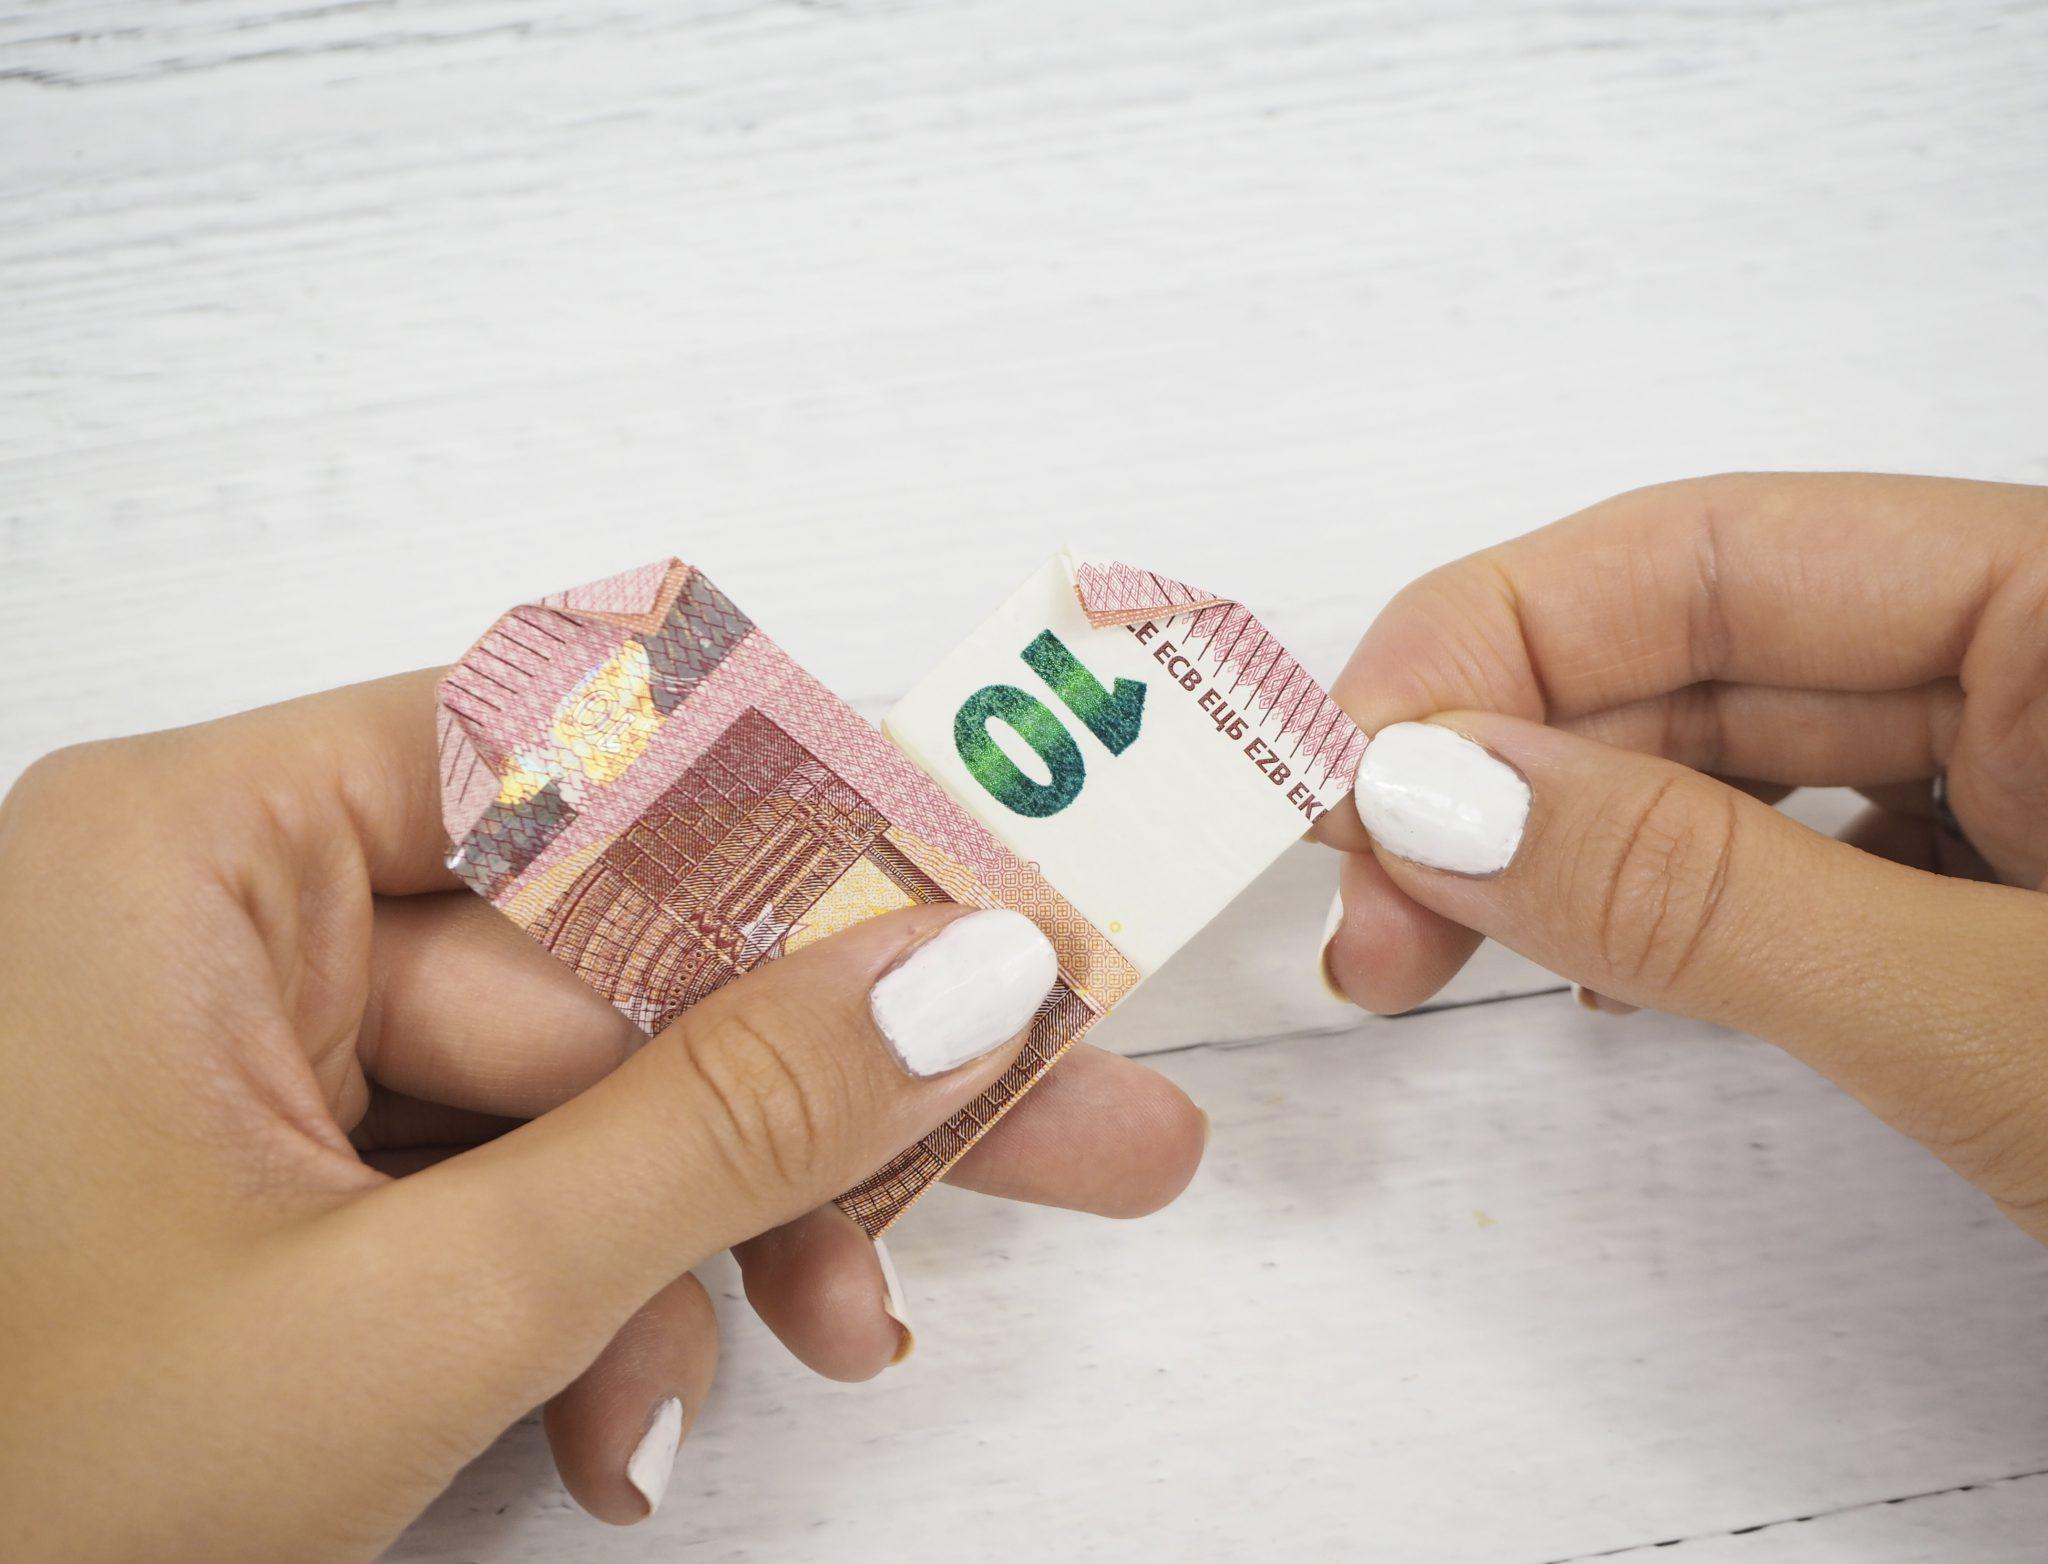 P8080449bearb. - Geldgeschenk basteln: So faltest Du Herzen aus Geldscheinen